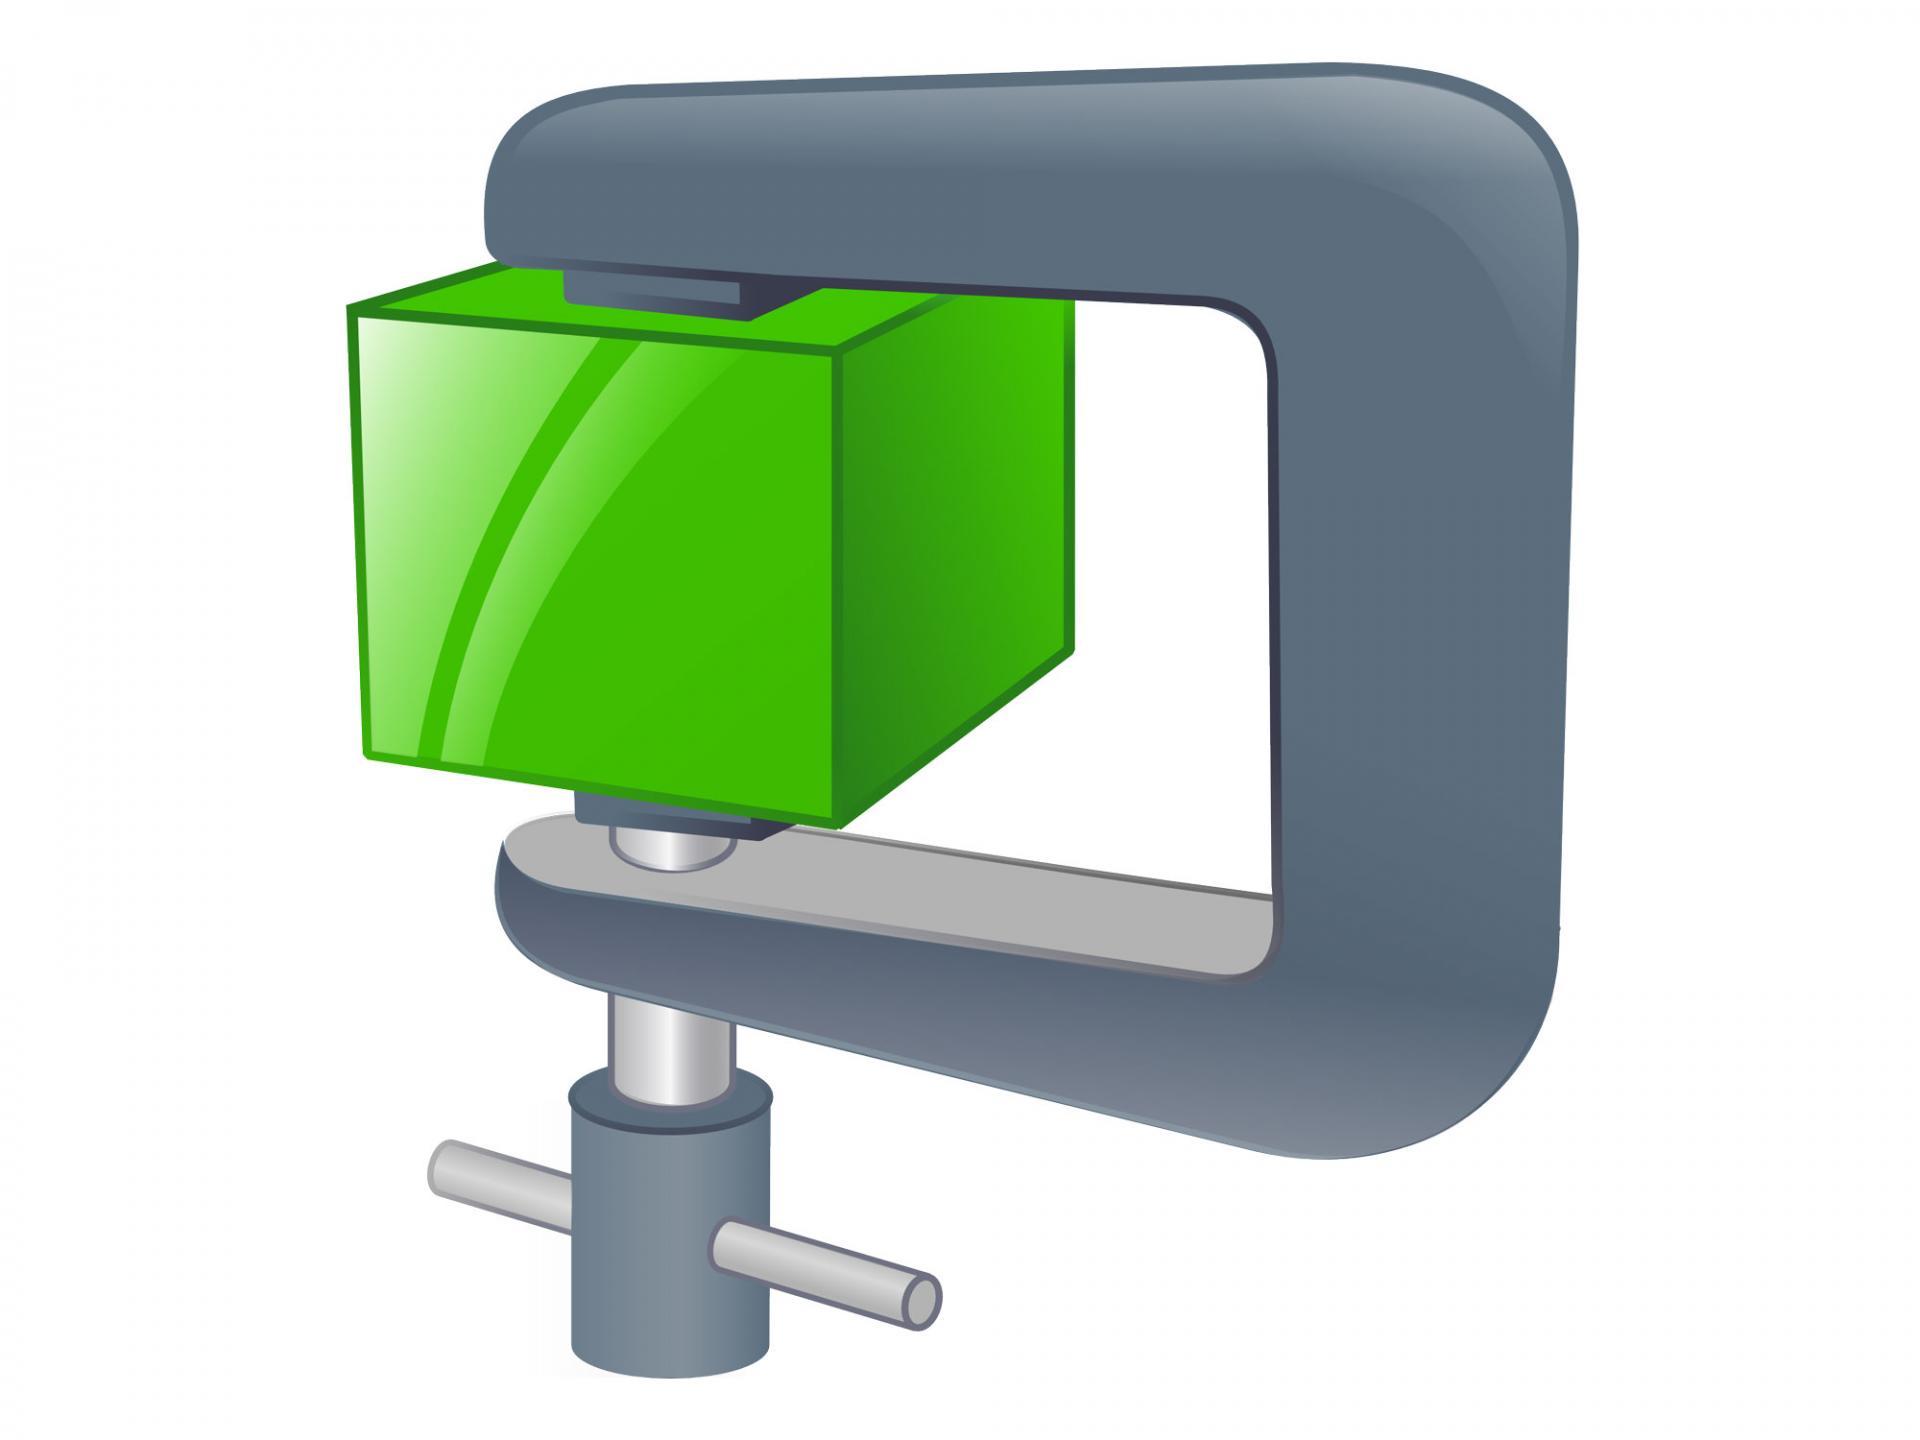 Лучший Zip-архиватор для Мaс: 4 приложения, накоторые стоит обратить внимание